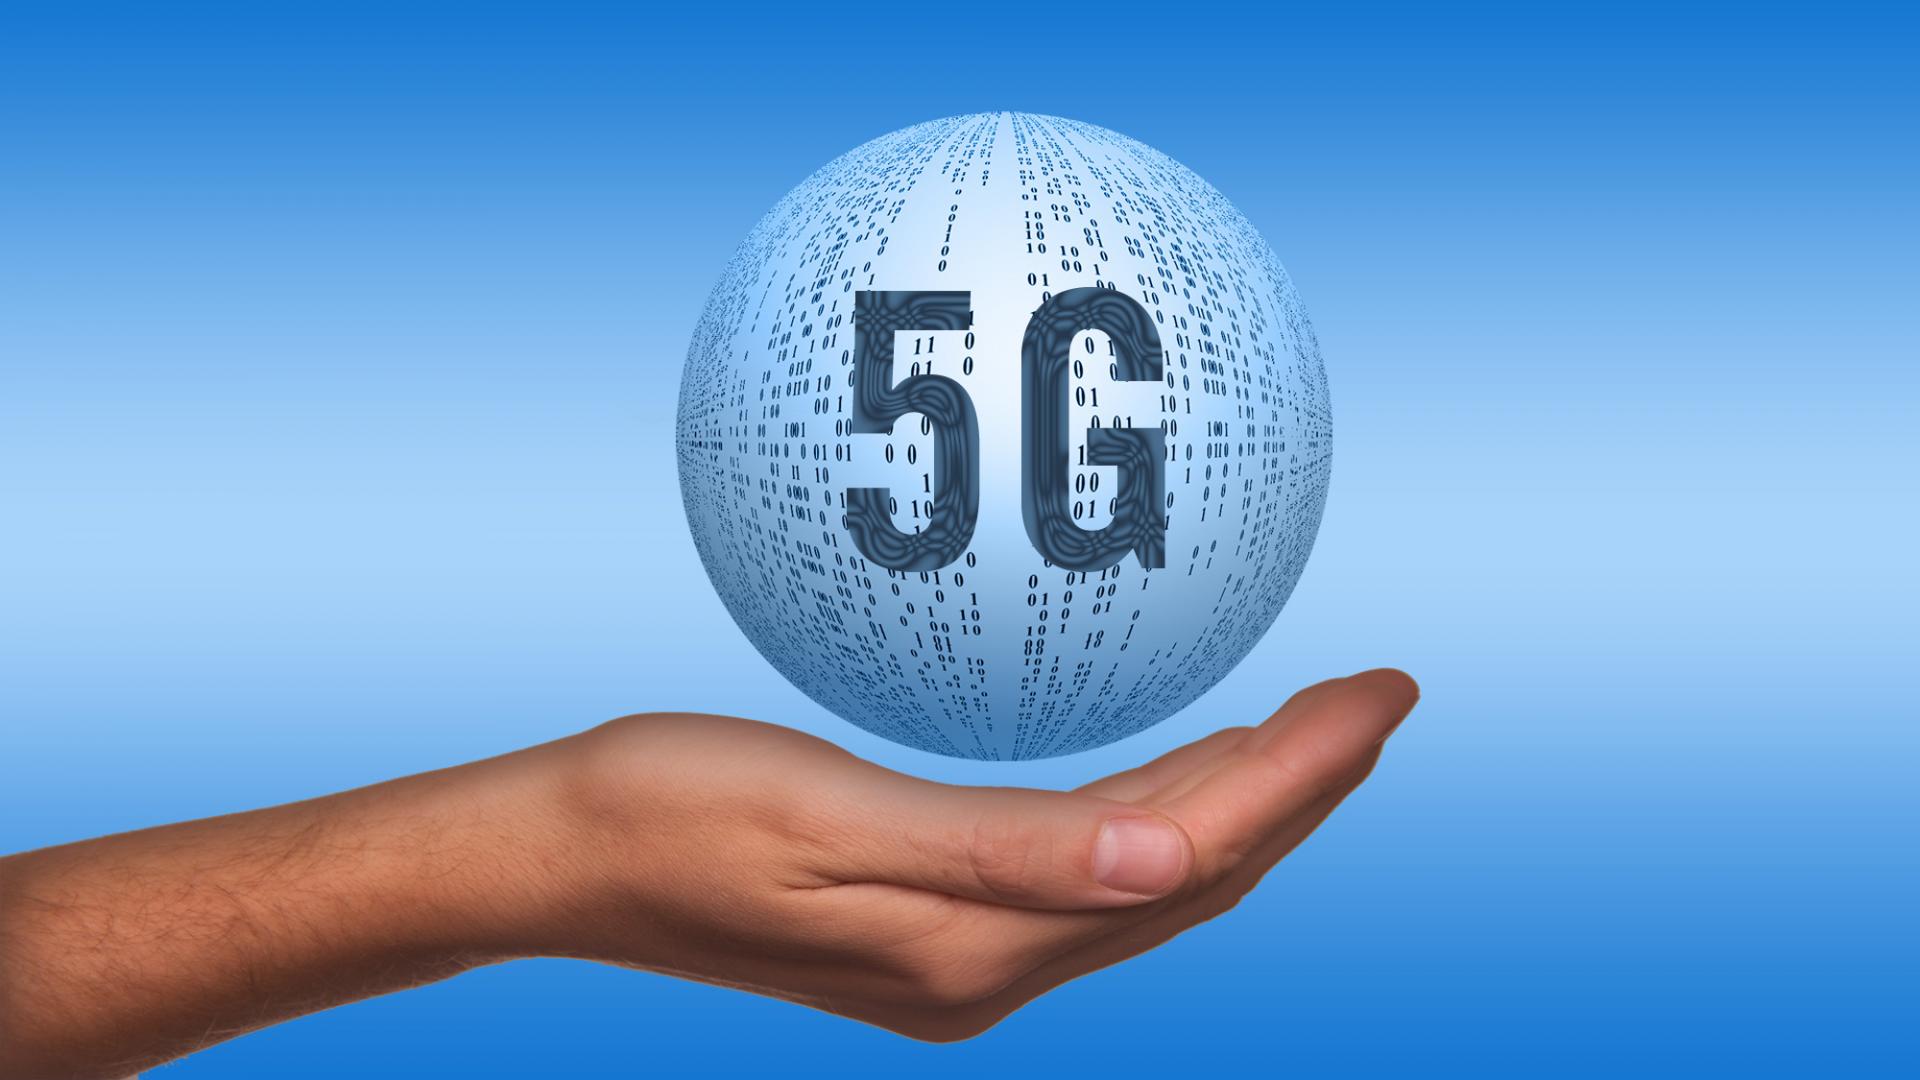 Дэлхий дахинд 5G сүлжээнд суурилсан технологиуд газар авч байна